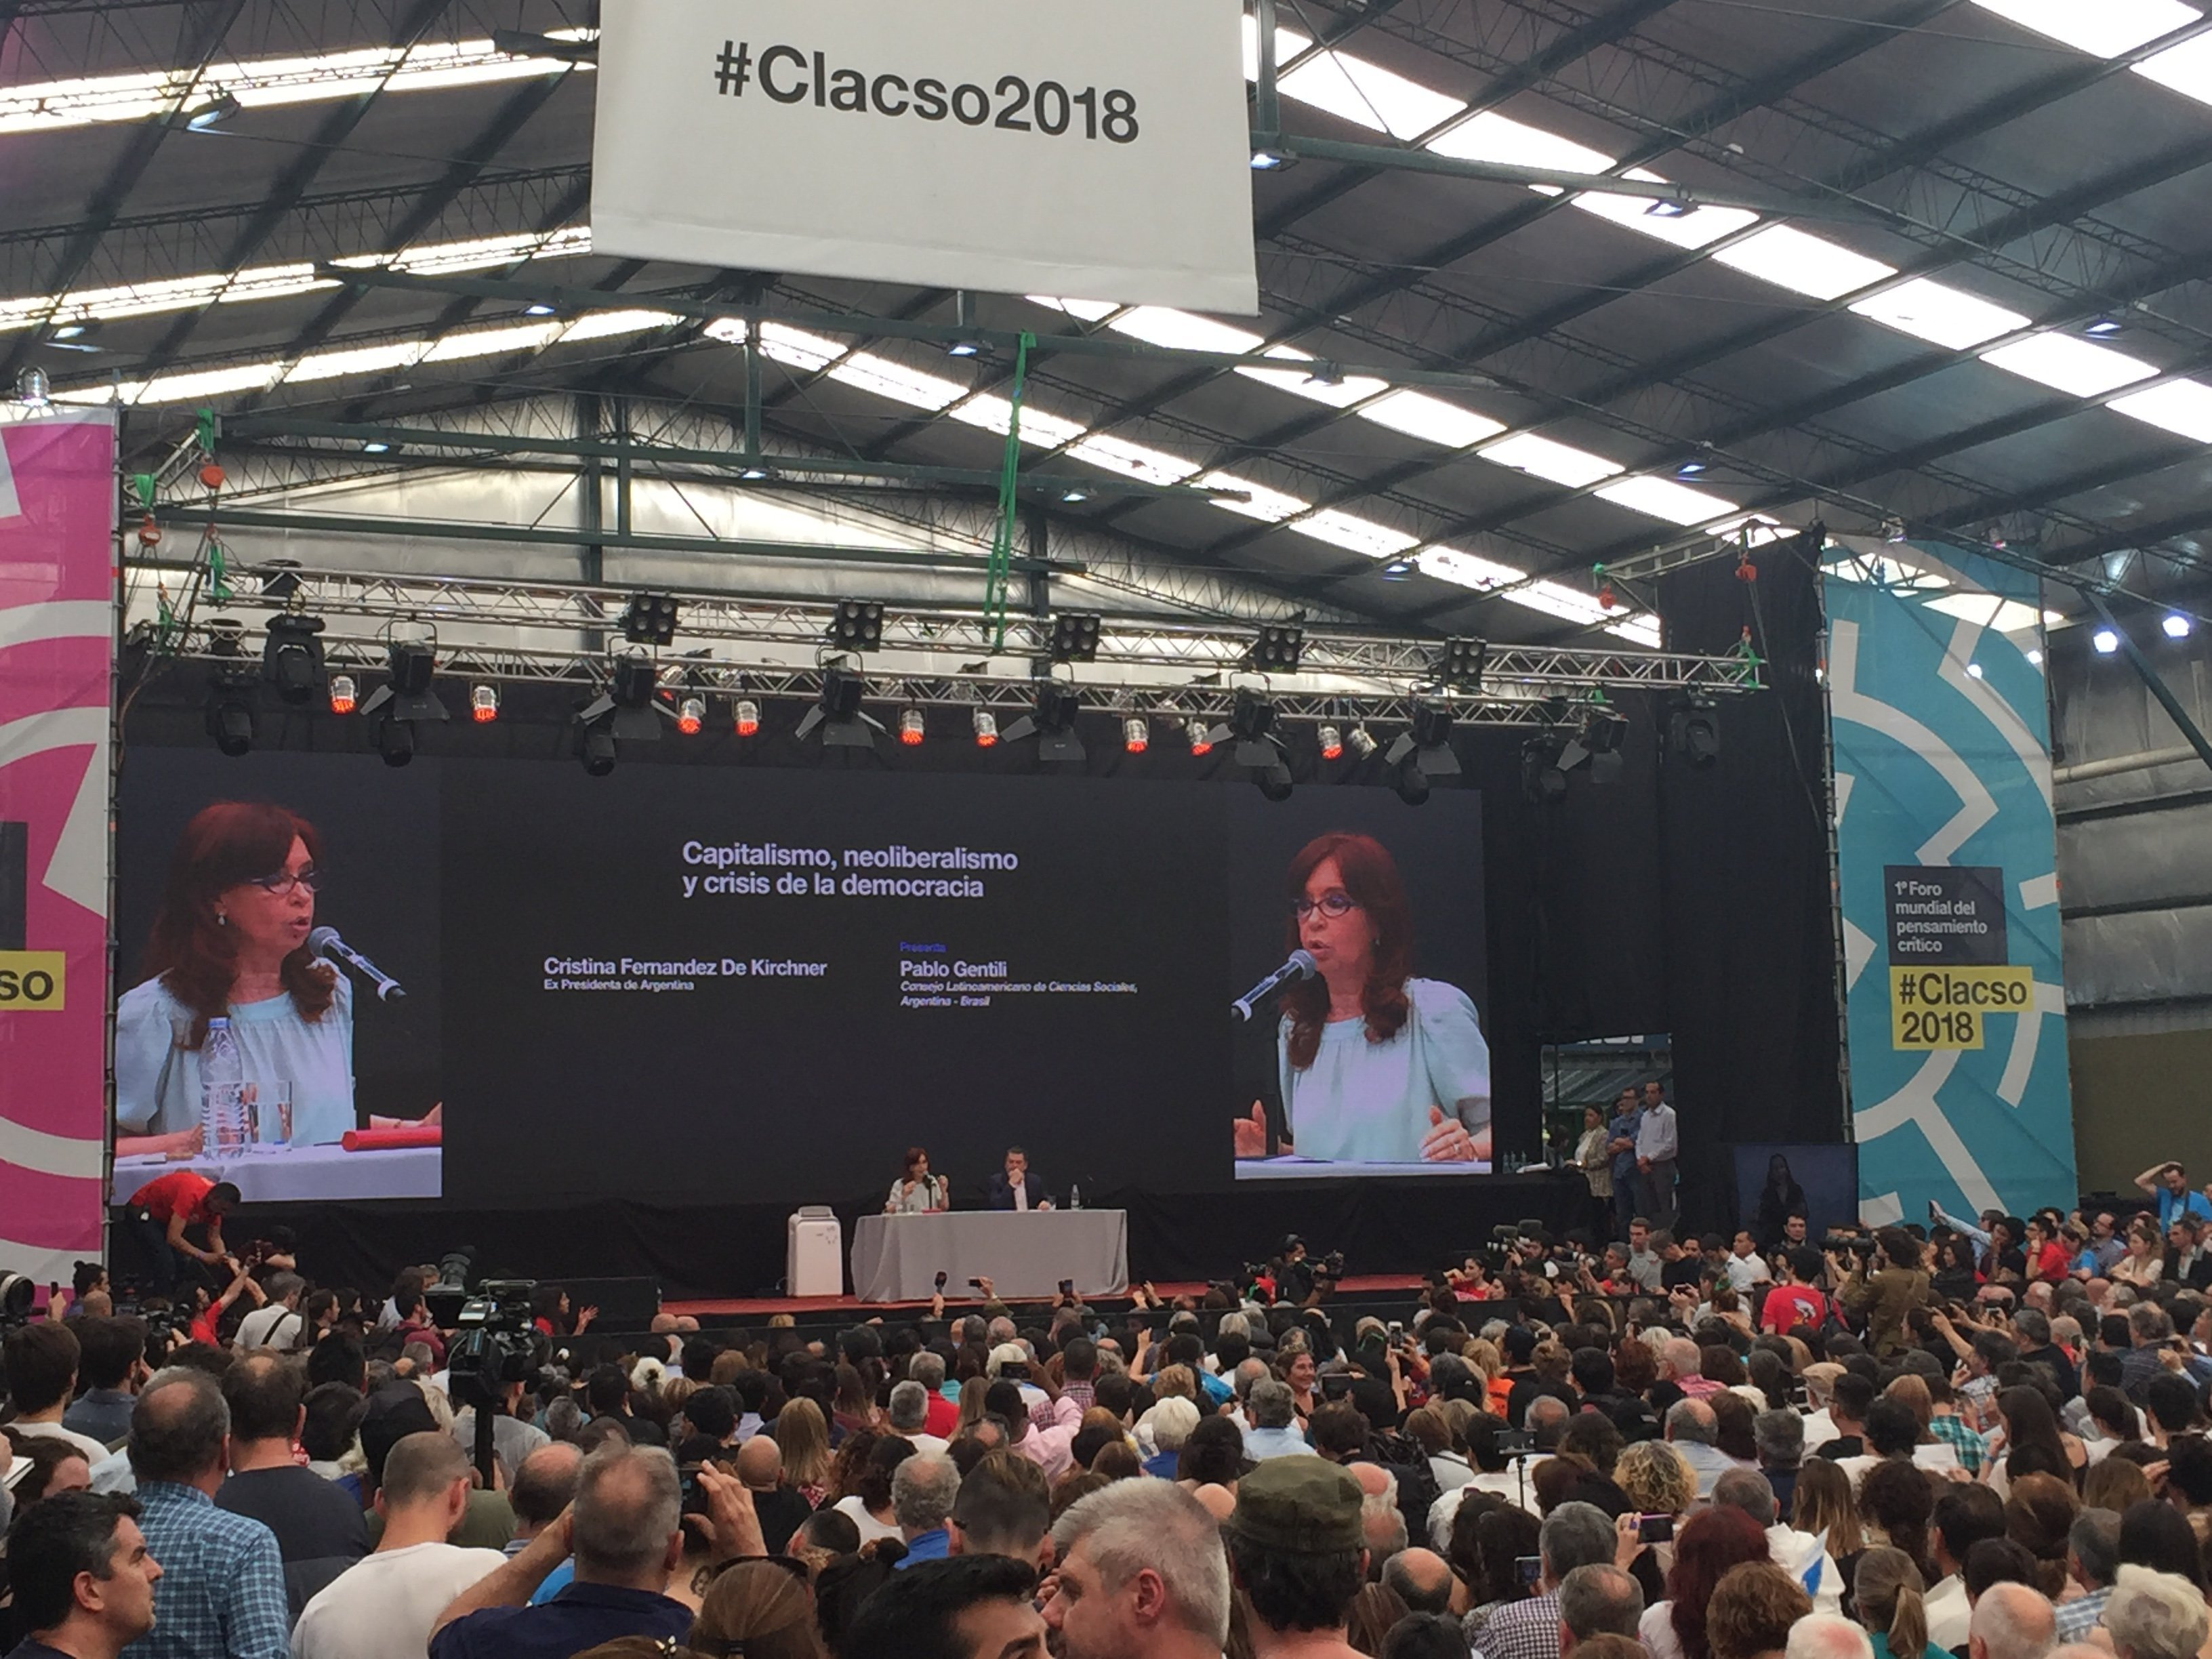 La expresidenta Cristina Fernández de Kirchner durante el Foro anual de Clacso